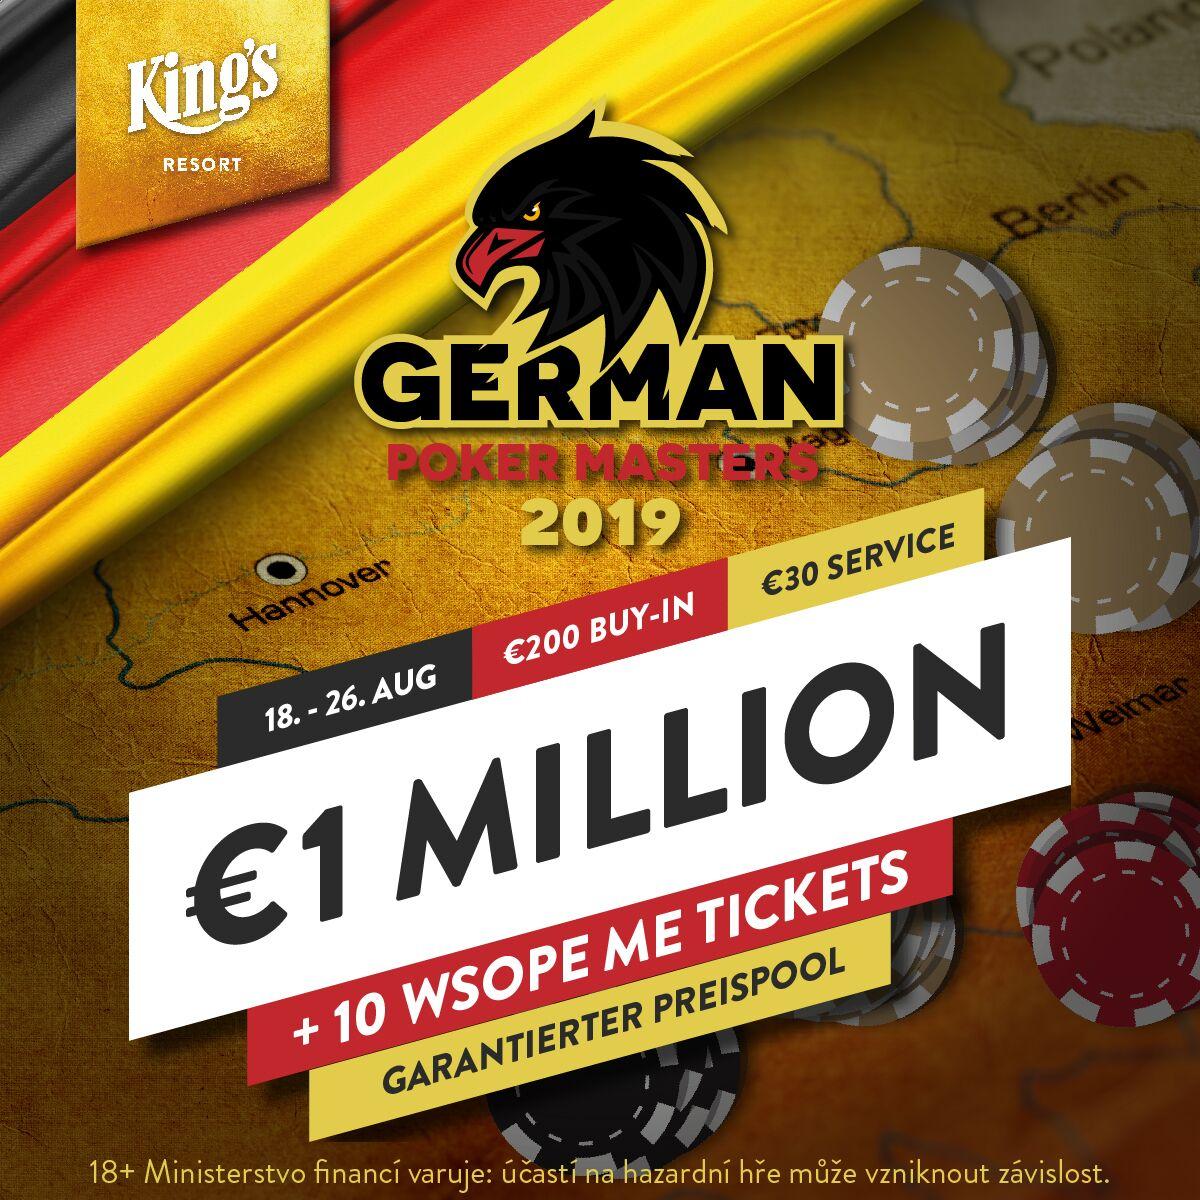 Staňte se součástí rekordního turnaje! German Poker Masters v King's čeká 7 tisíc registrací